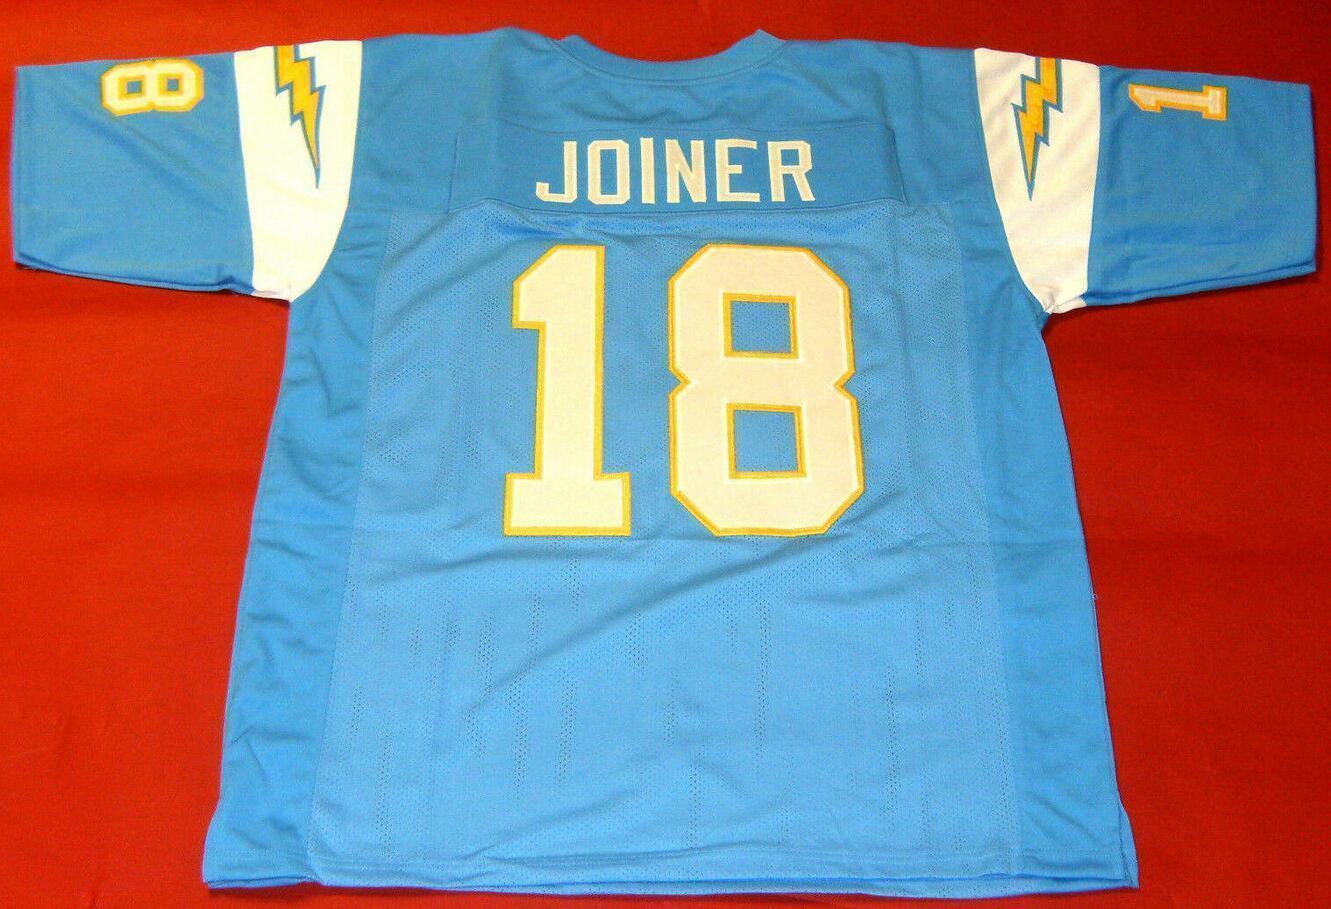 Uomo-Gioventù donne Charlie Joiner del calcio Jersey formato s-5XL o personalizzato qualsiasi nome o numero di maglia